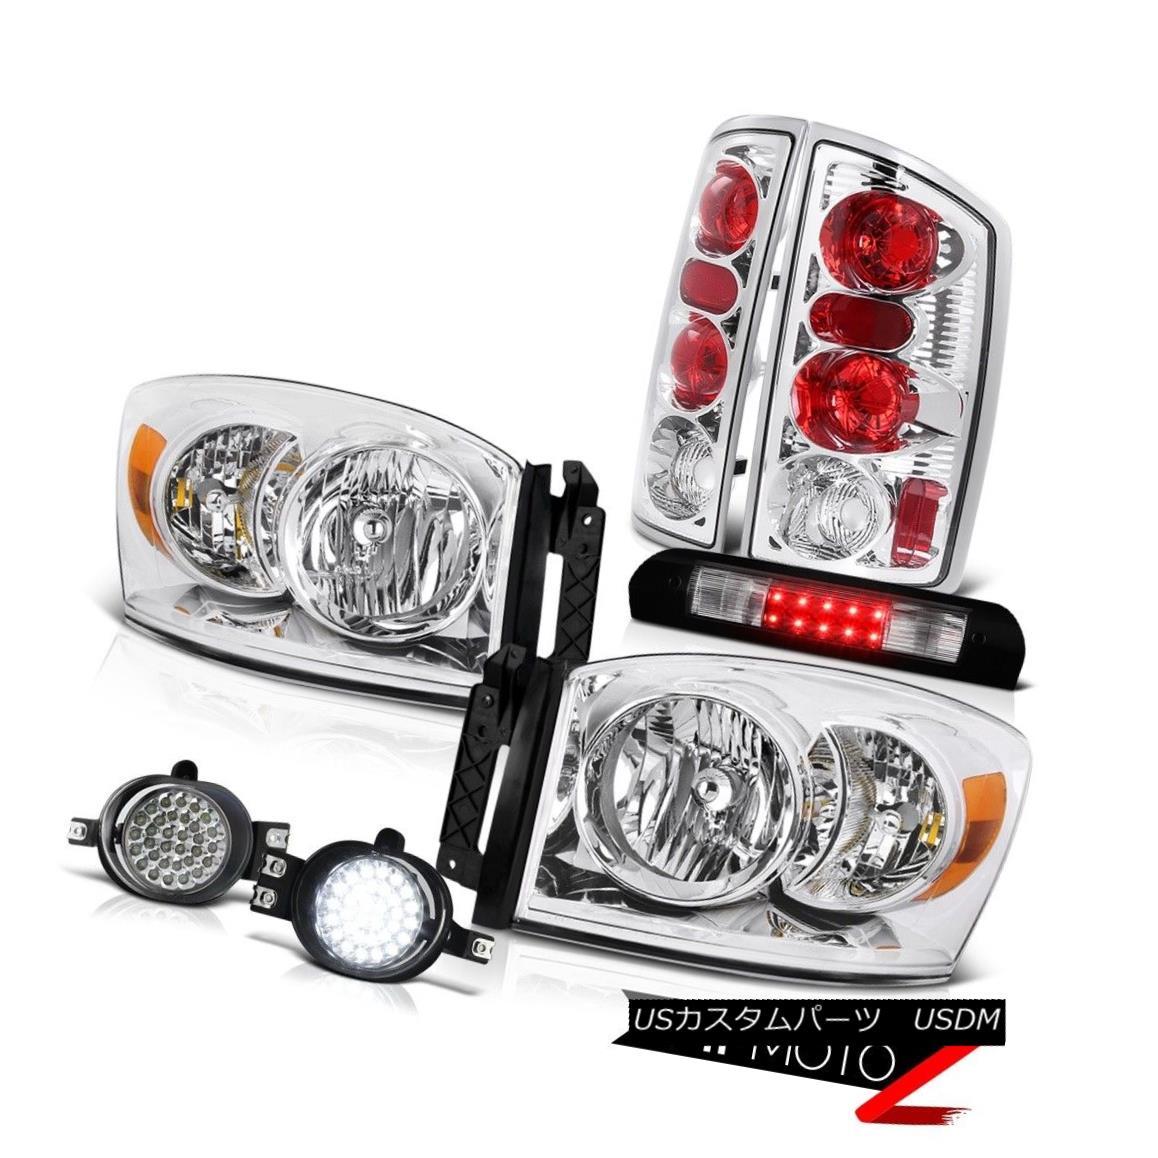 ヘッドライト Chrome Headlights Euro Tail Lights SMD LED Fog Black Third Brake 2006 Dodge Ram クロームヘッドライトユーロテールライトSMD LEDフォグブラック第3ブレーキ2006 Dodge Ram